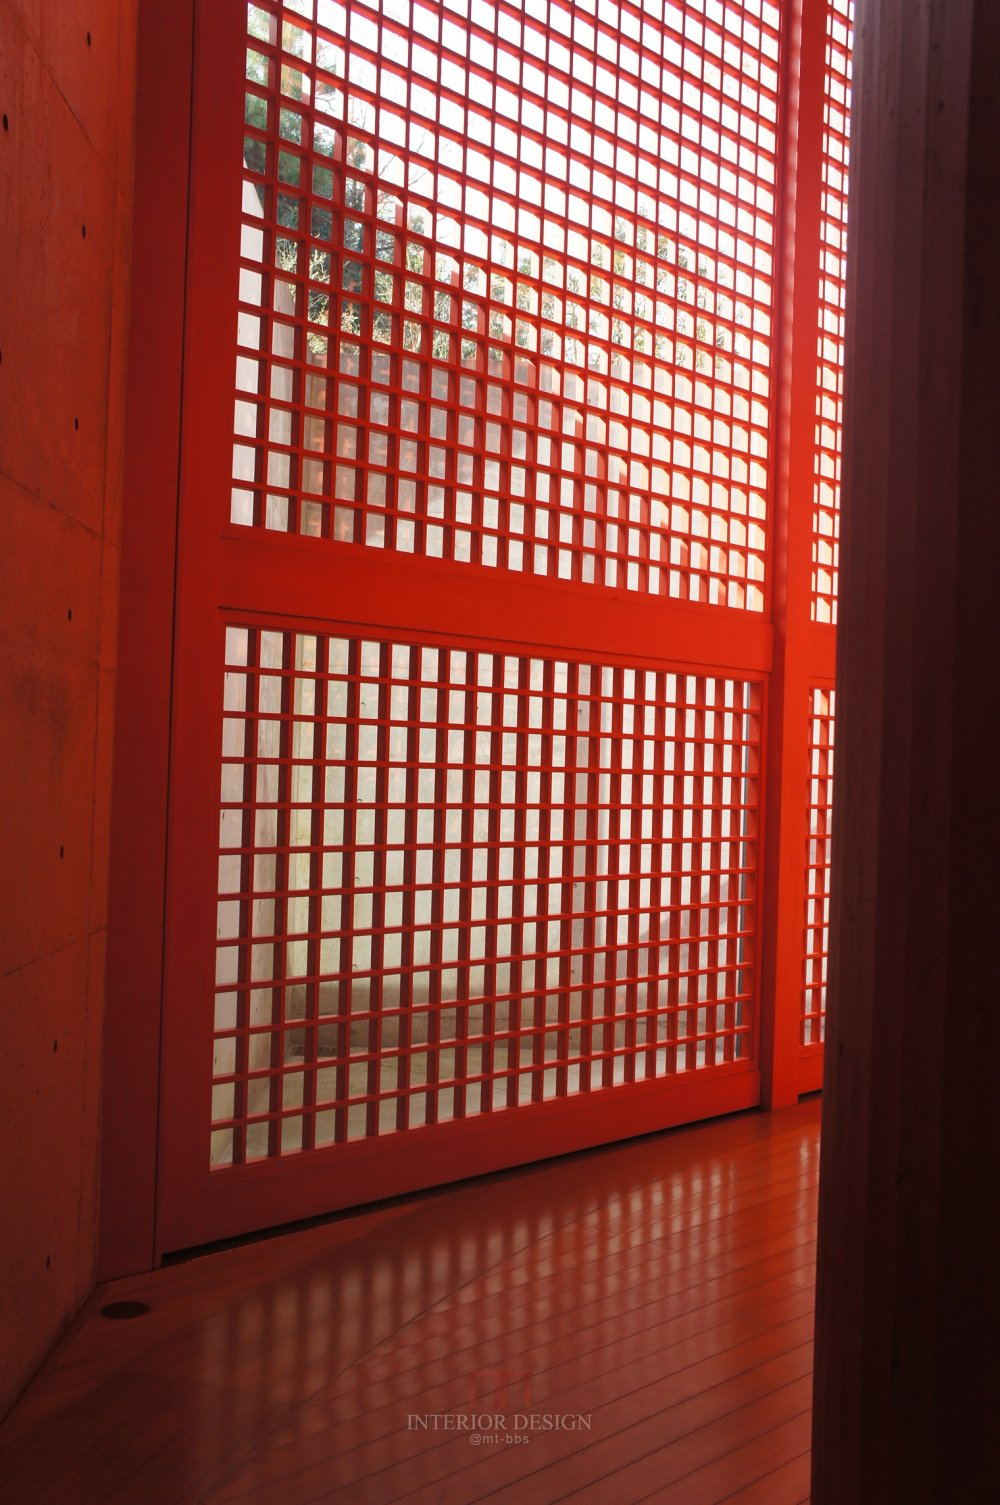 #伙伴一起看日本#  日本设计考察分享(更新美秀美术馆)_DSC05832.JPG